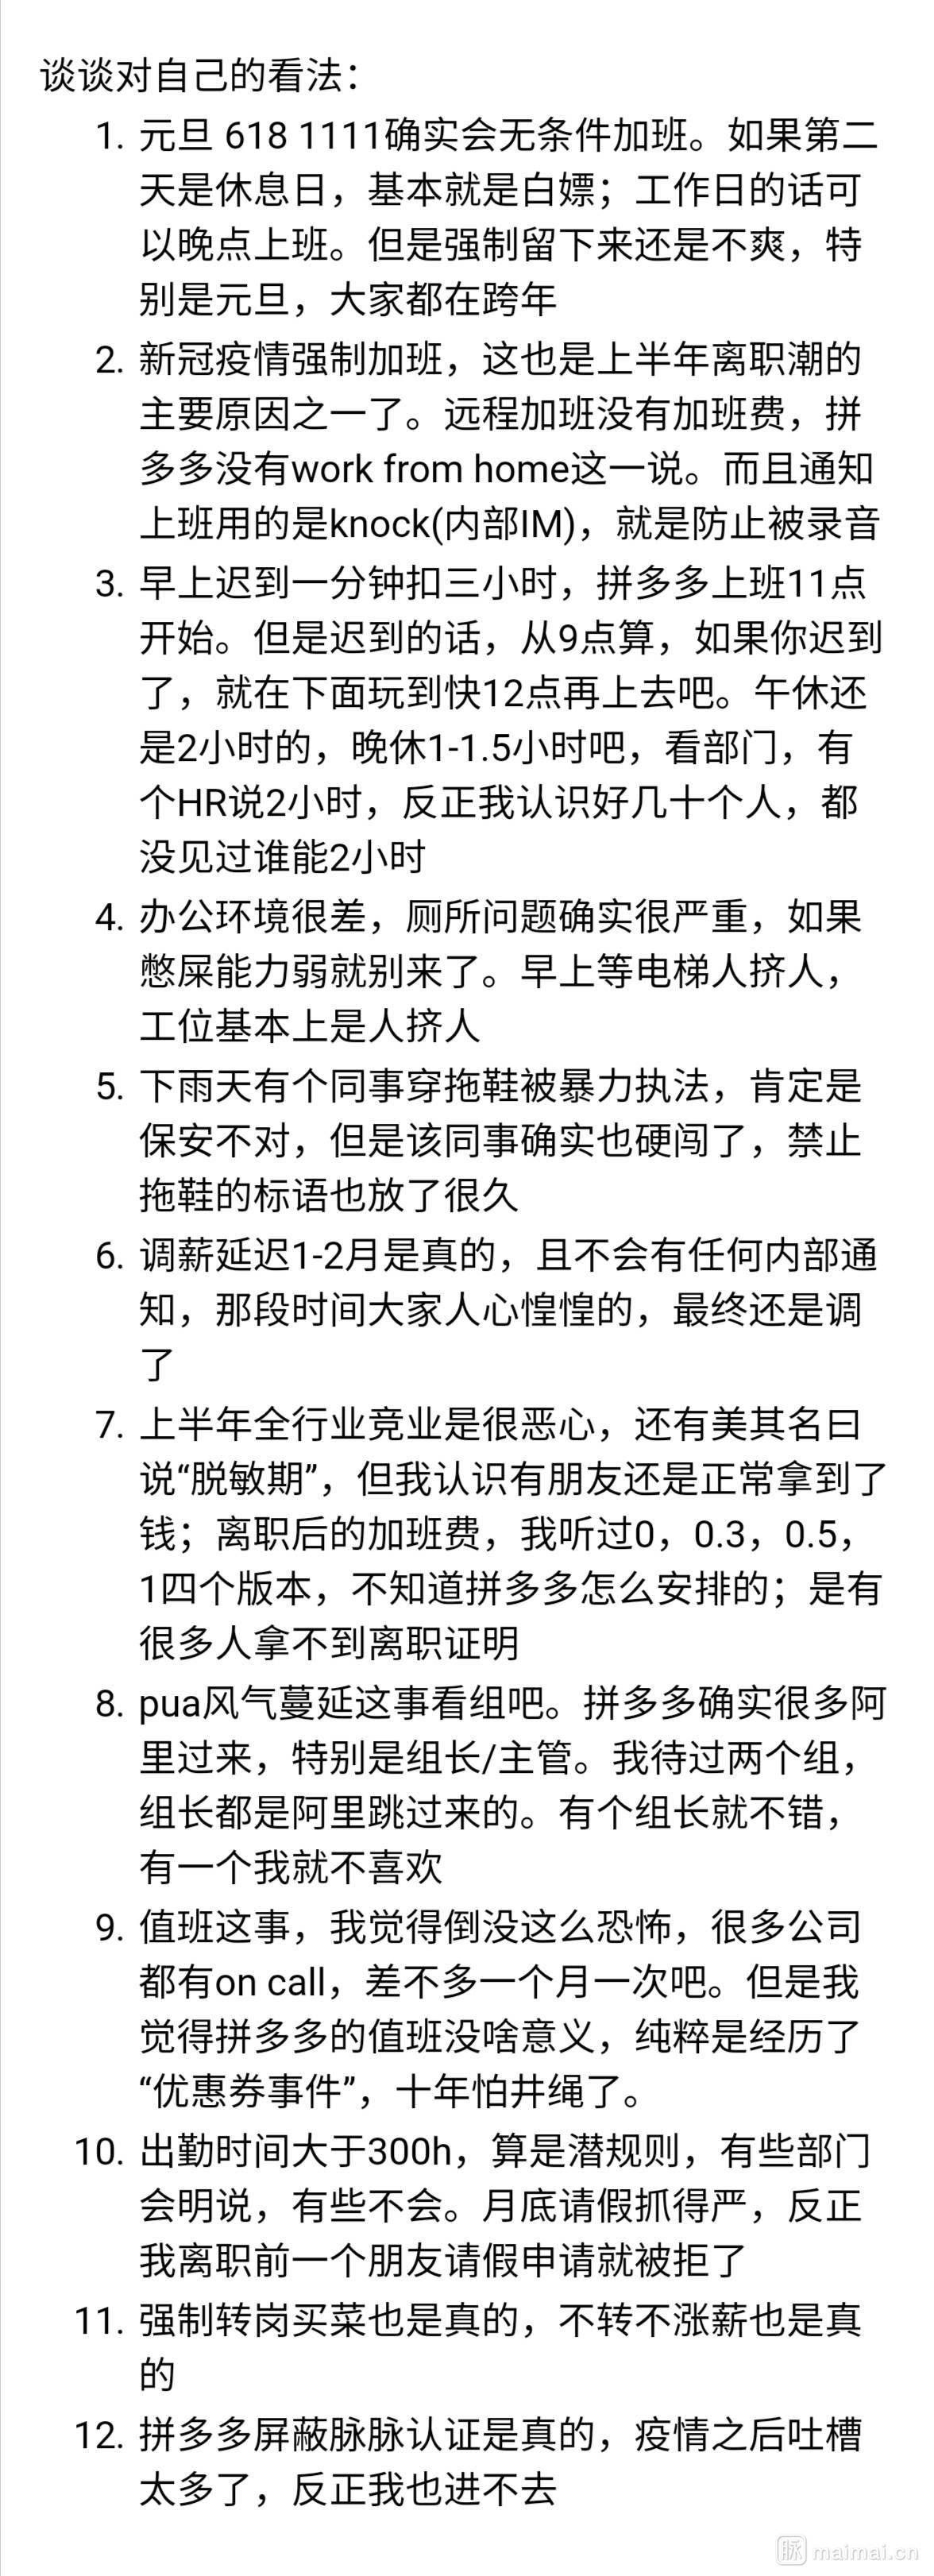 杭州微米网络科技有限公司上海分公司员工:我认识的人都跑了…